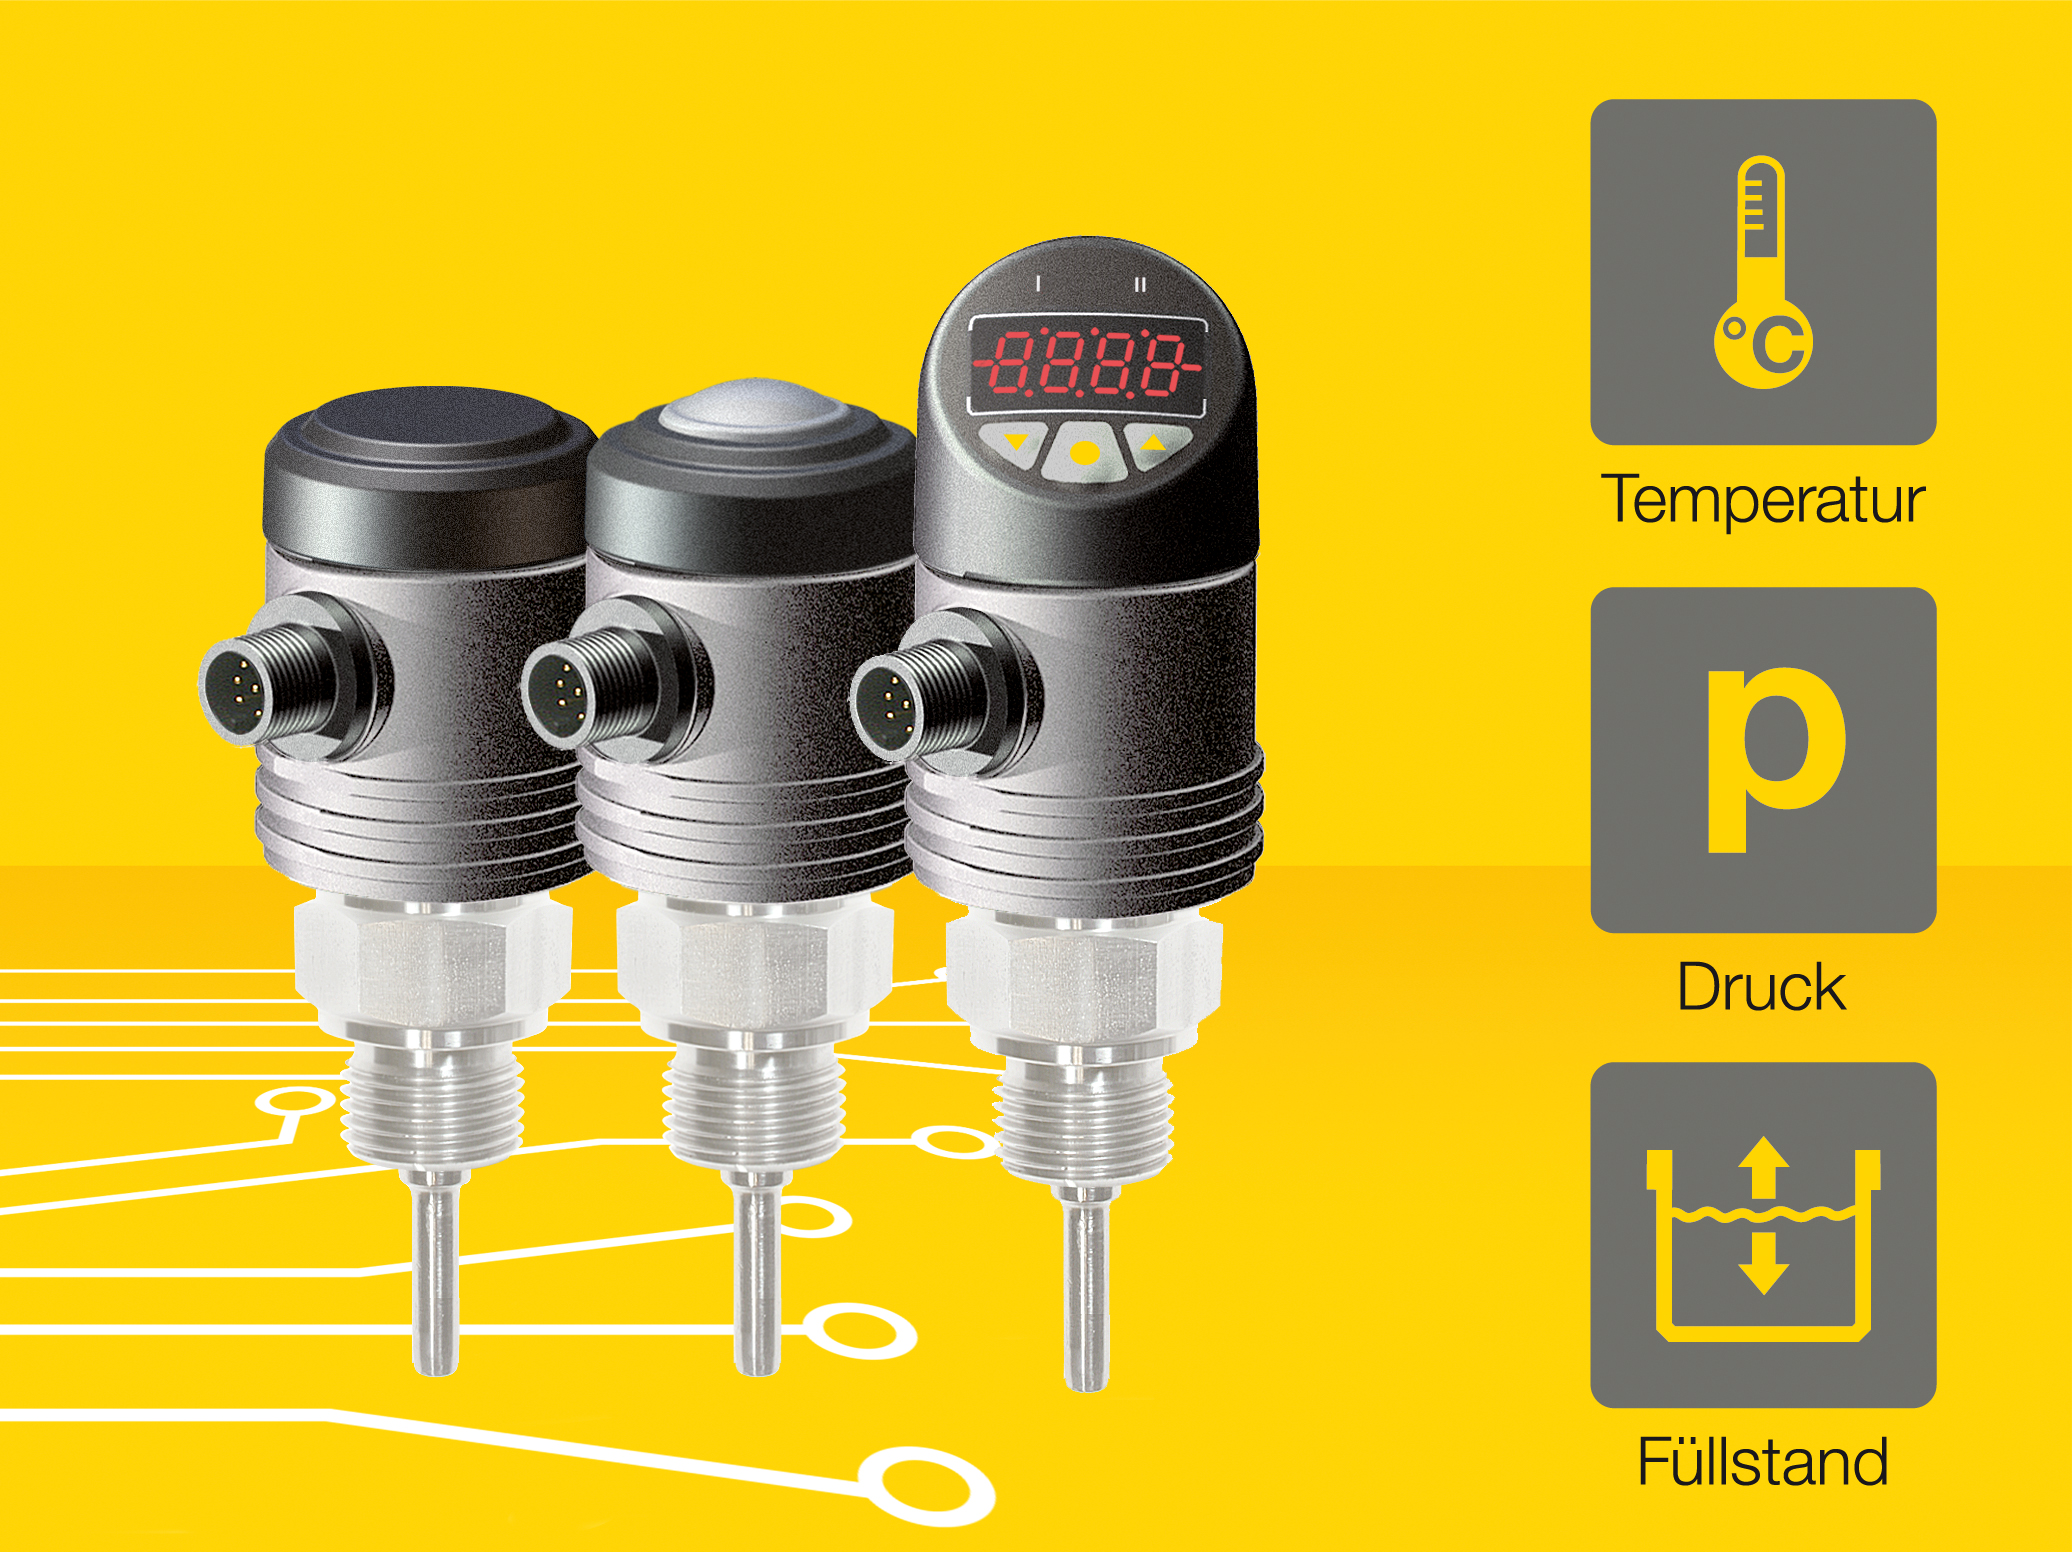 Hesch bietet die Sensor-Baureihe zum Start in drei verschiedenen Varianten an. Sie alle lassen sich für die Messung von Temperatur, Druck und Füllständen verwenden